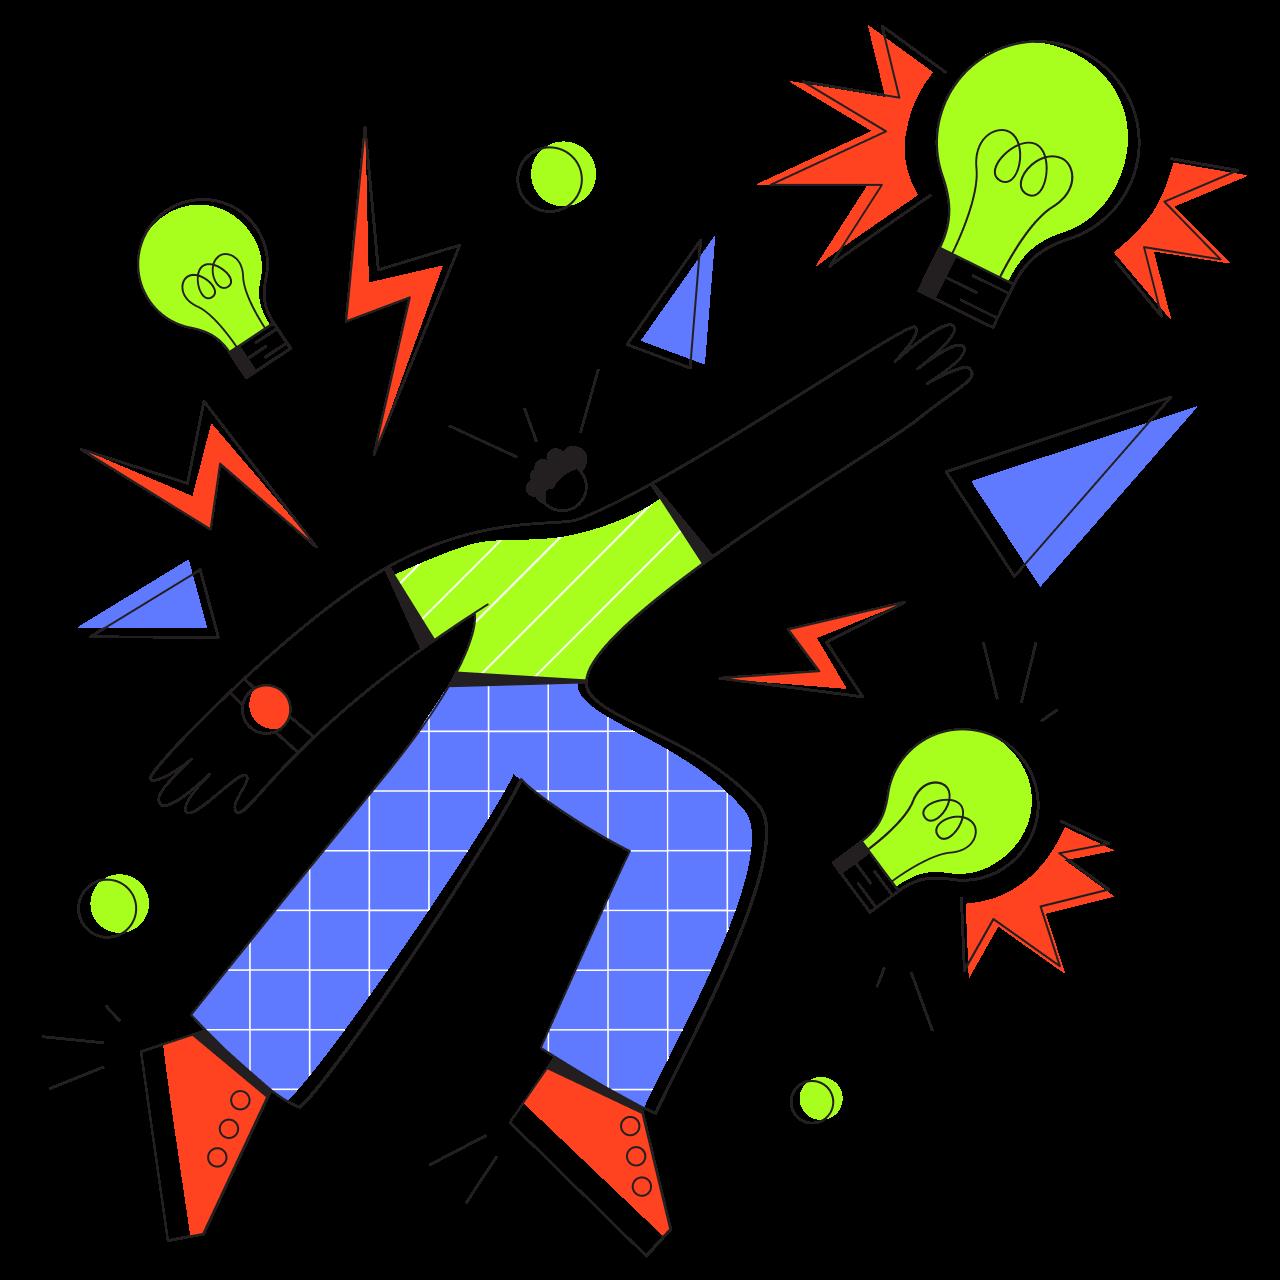 10 стильных иллюстраций на тему стартапов и планирования